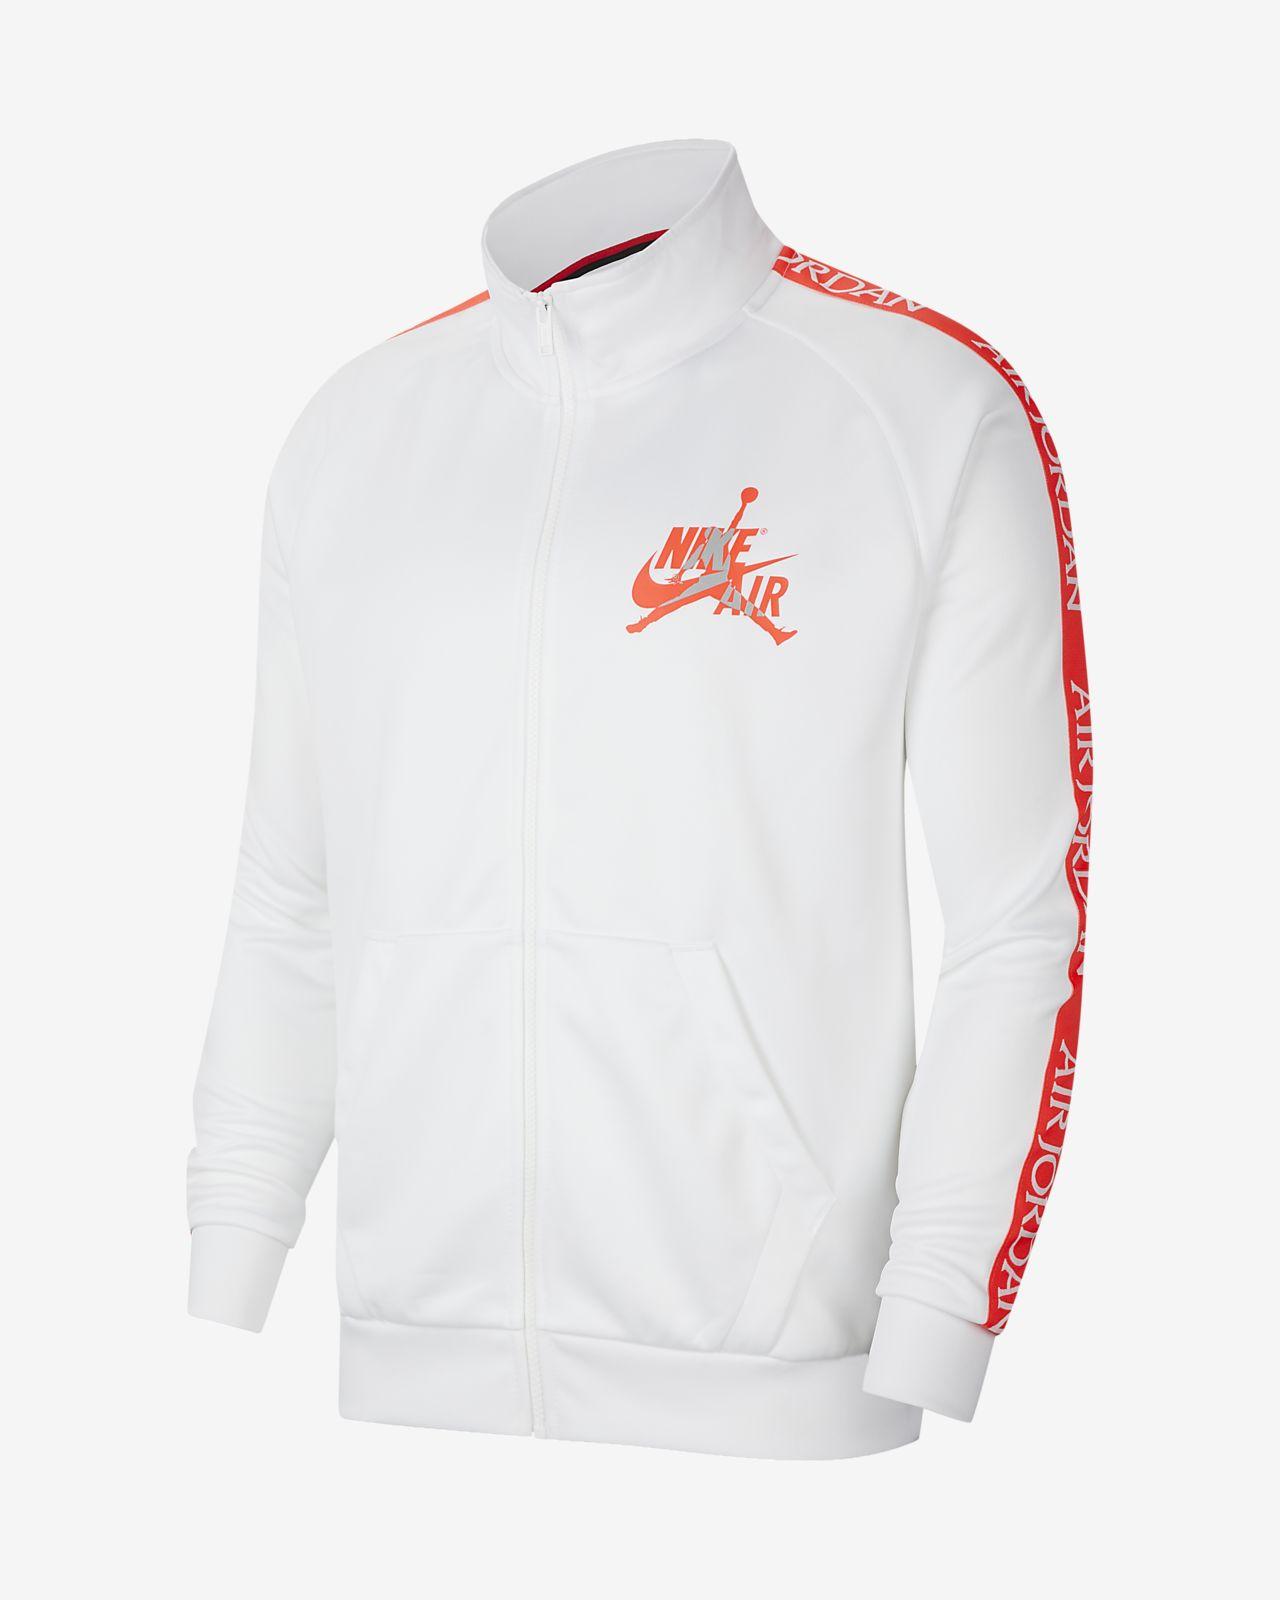 เสื้อแจ็คเก็ตวอร์มอัพ Tricot ผู้ชาย Jordan Jumpman Classics